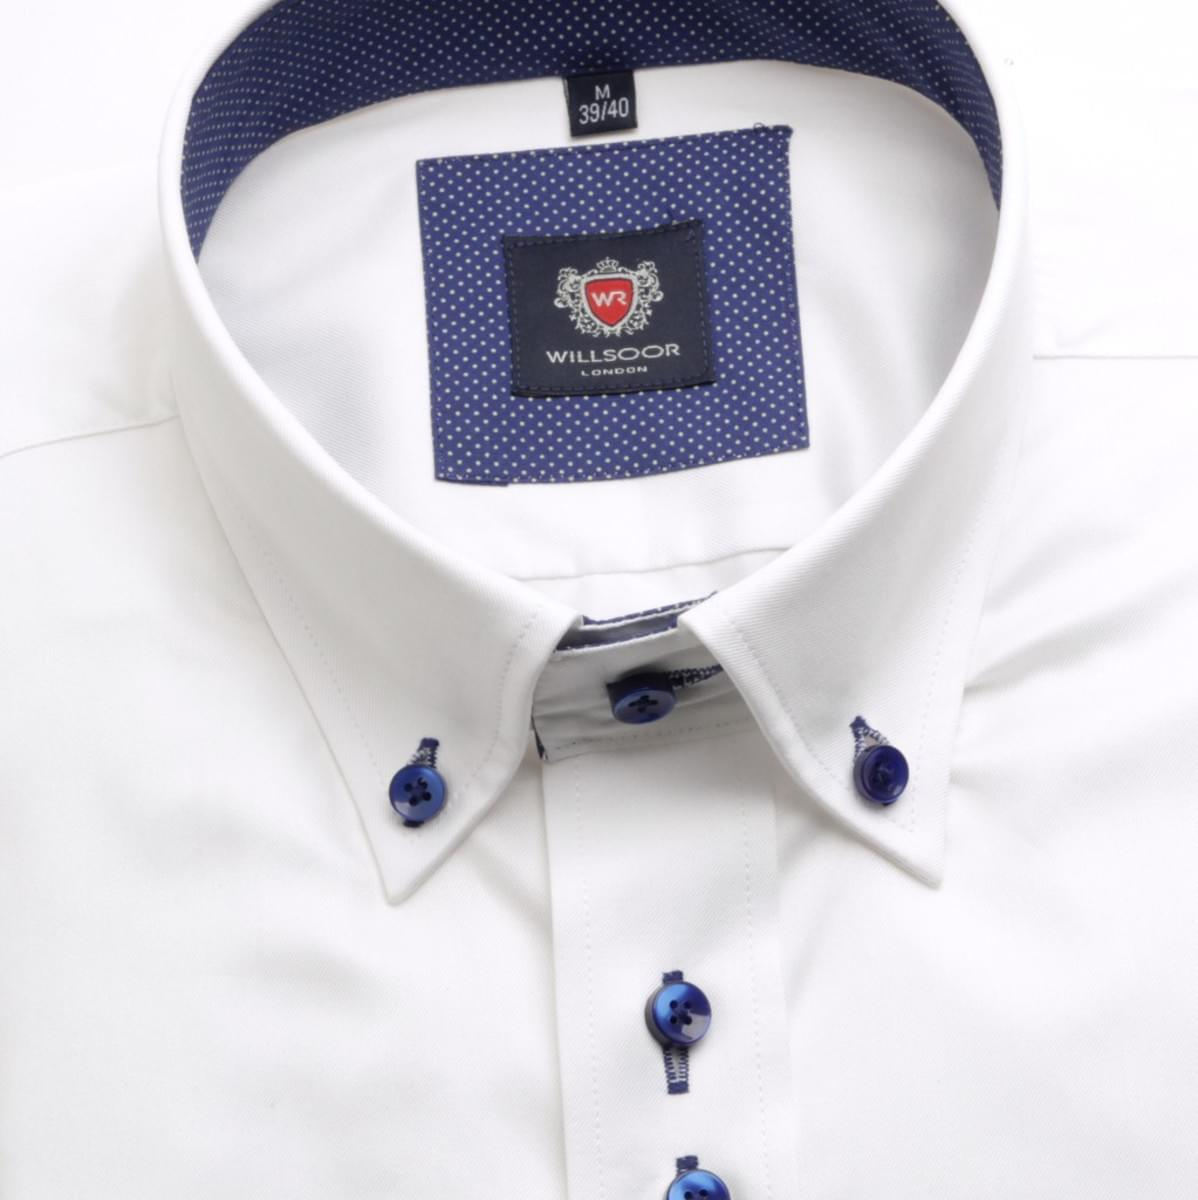 Košile WR London (výška 176-182) 4521 176-182 / XL (43/44)